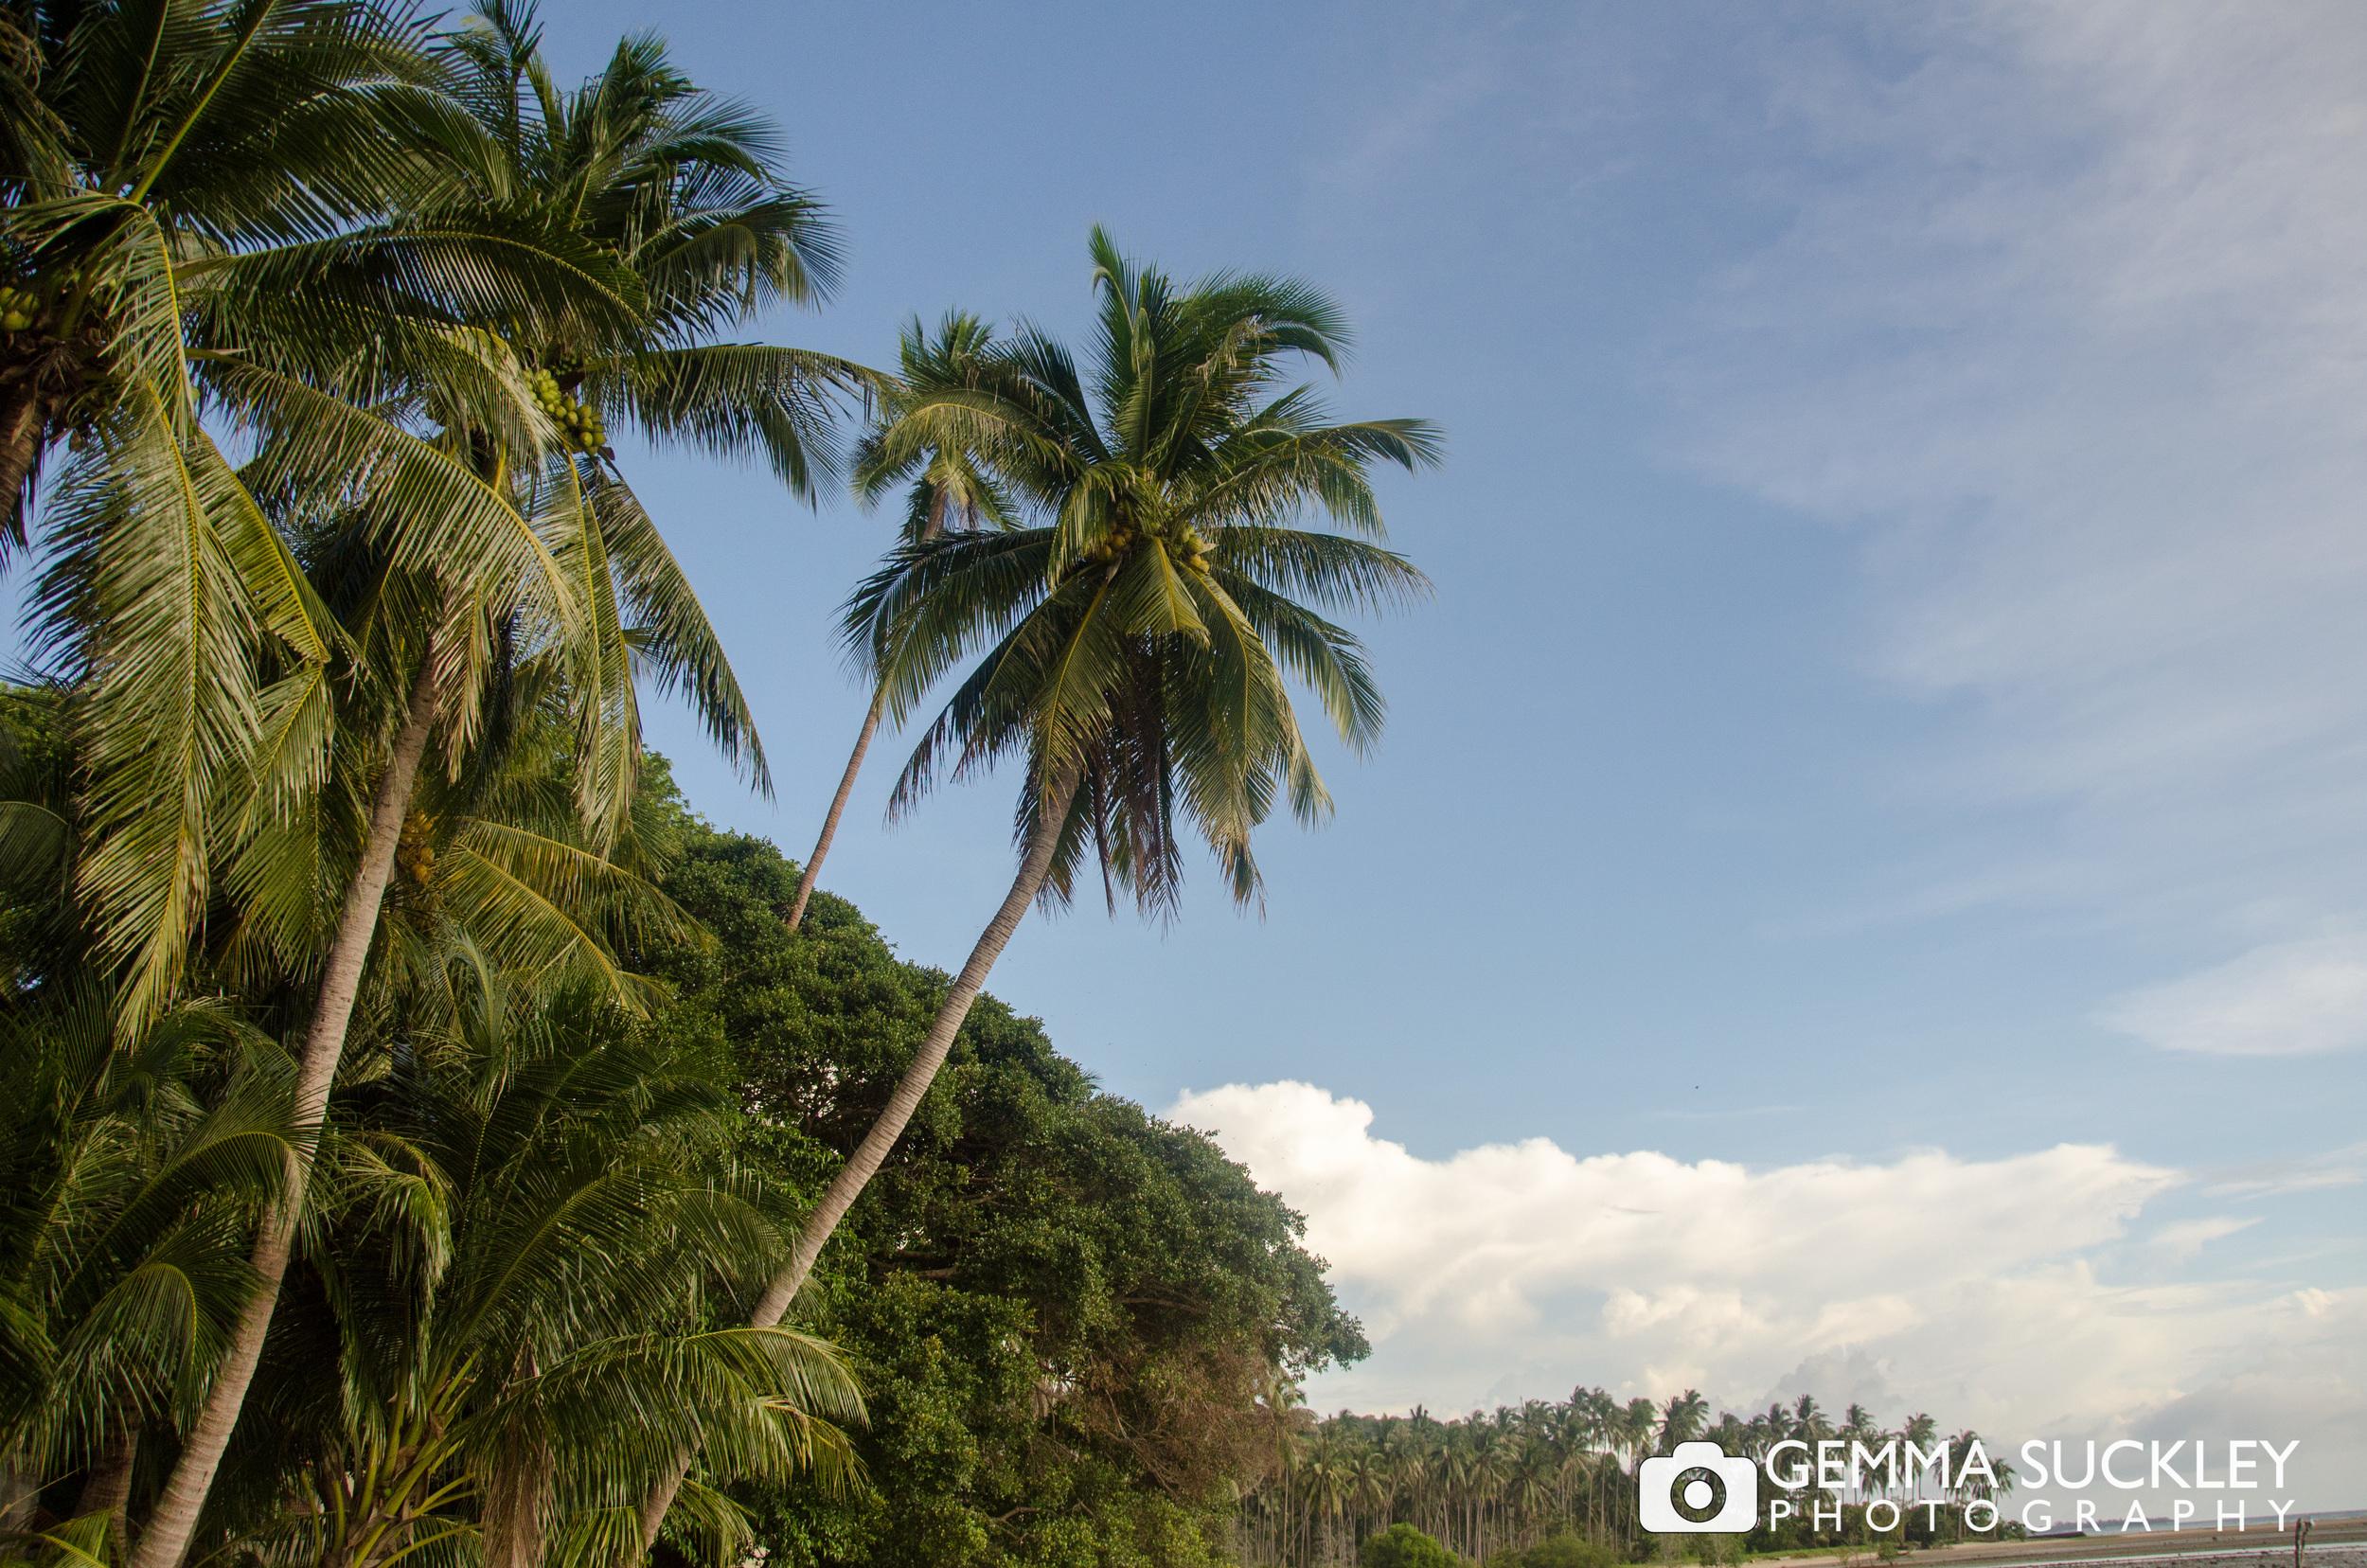 palm-trees-thailand.jpg